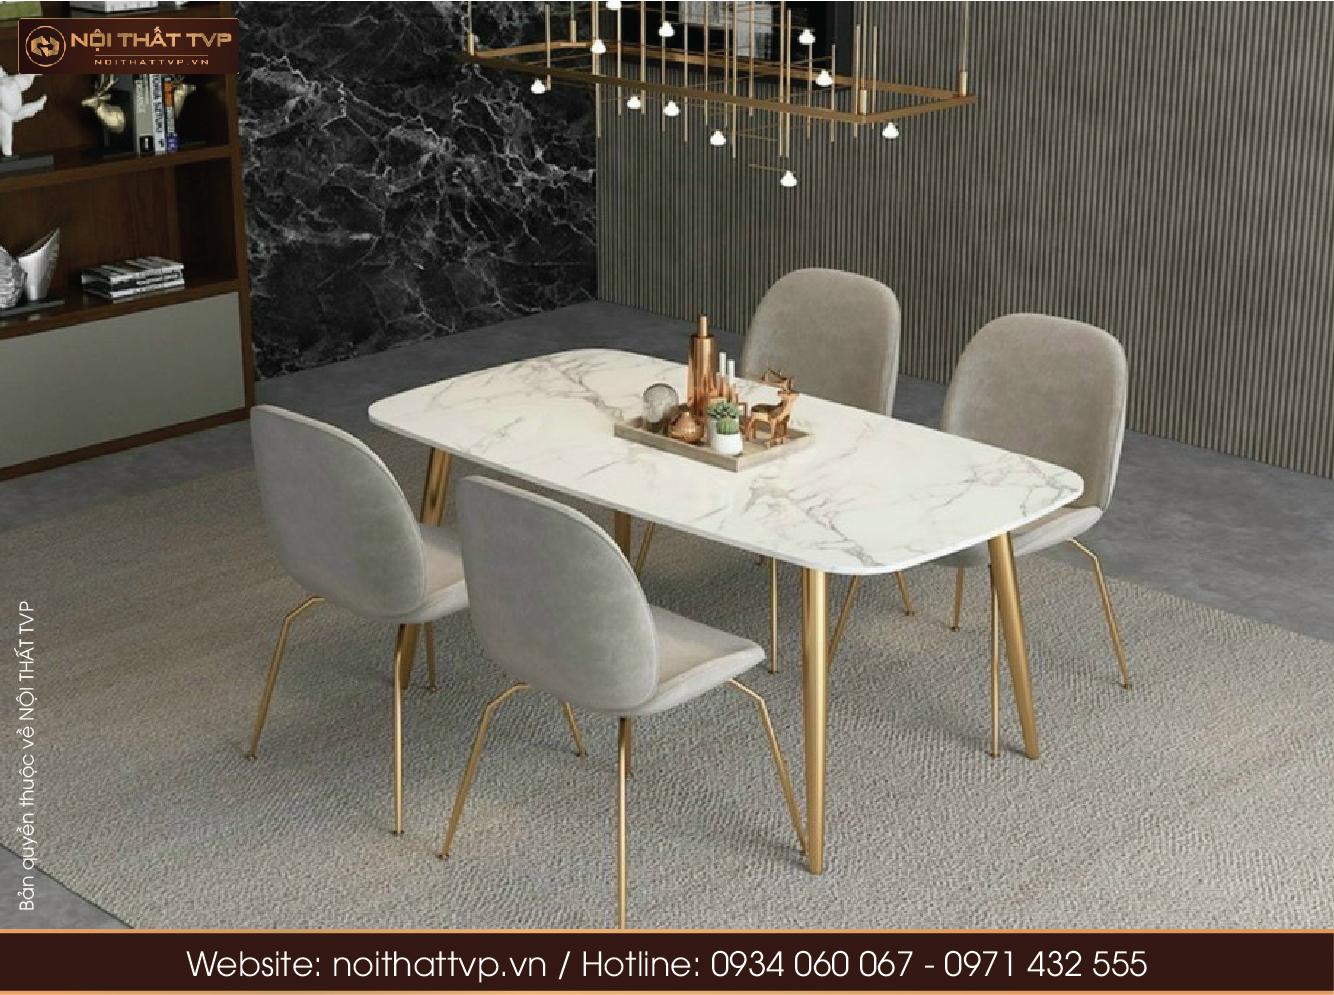 Bộ bàn đá cẩm thạch và ghế ăn Gubi